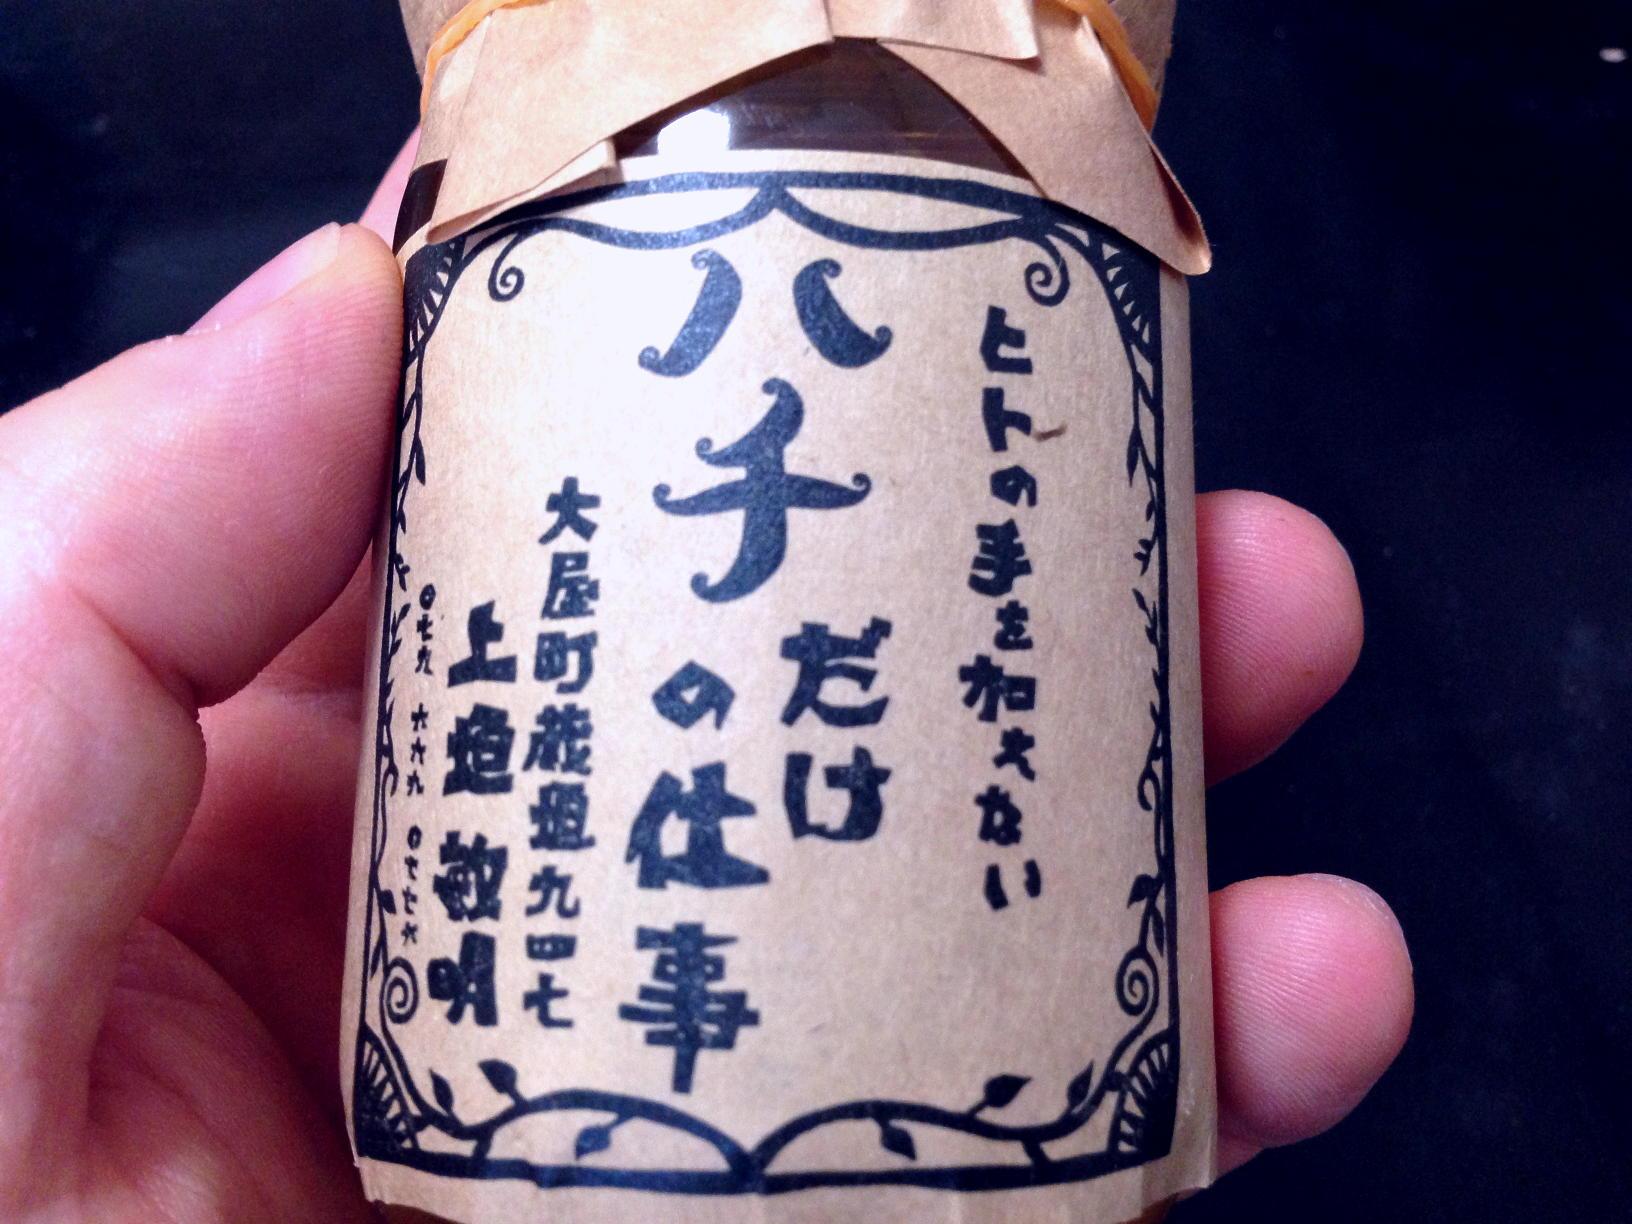 究極のハチミツ「ハチだけの仕事」をゲット!!